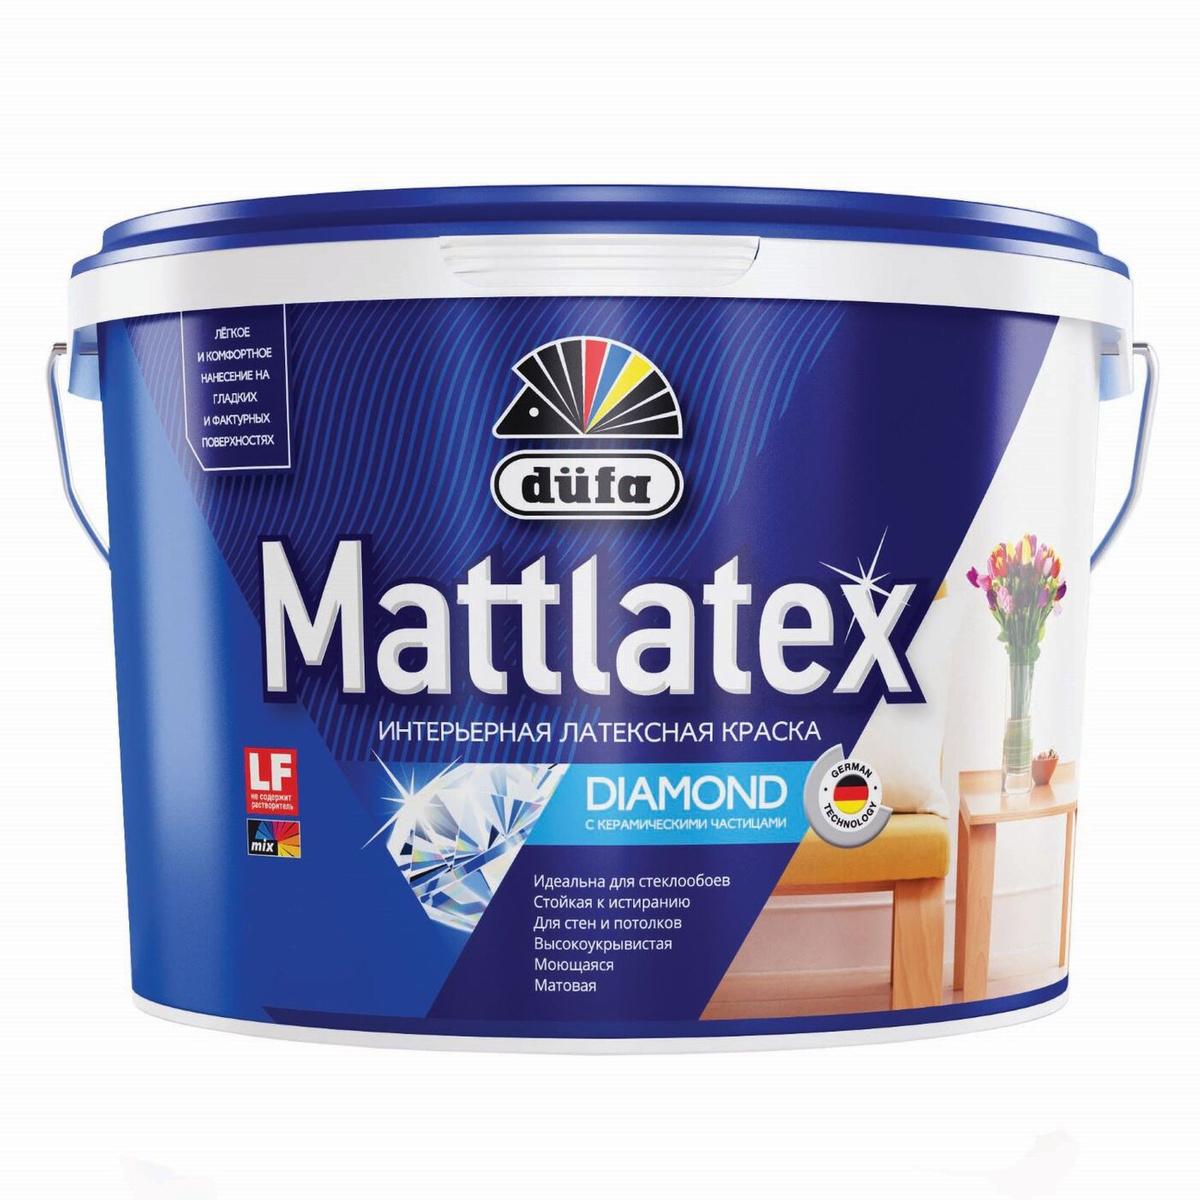 Краска В/Д Dufa Mattlatex RD-100 интерьерная латексная 10л - фото